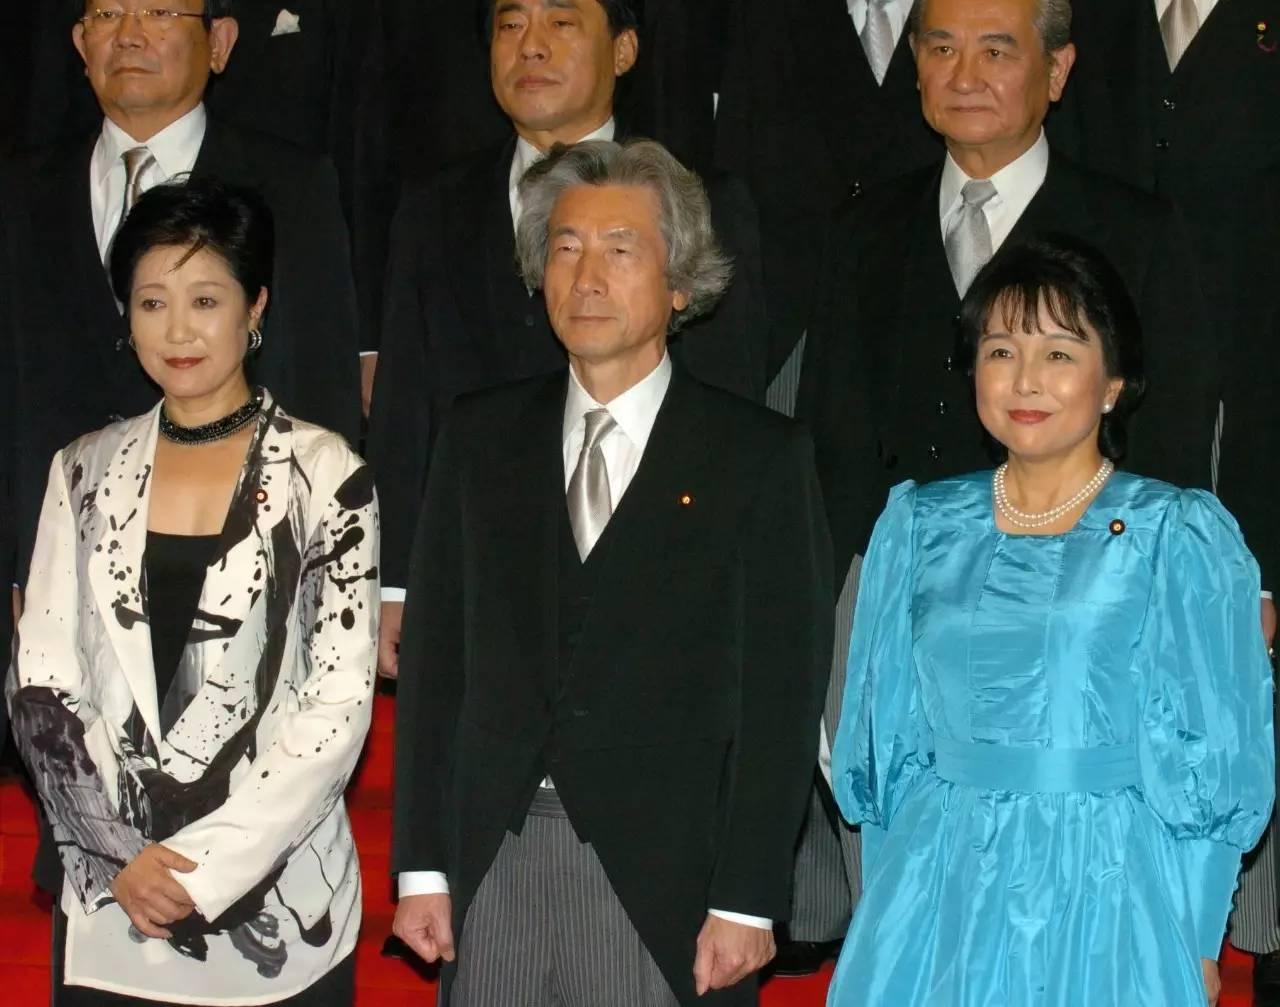 这个日本女政客和前首相传过绯闻,又让现任首相颜面扫地